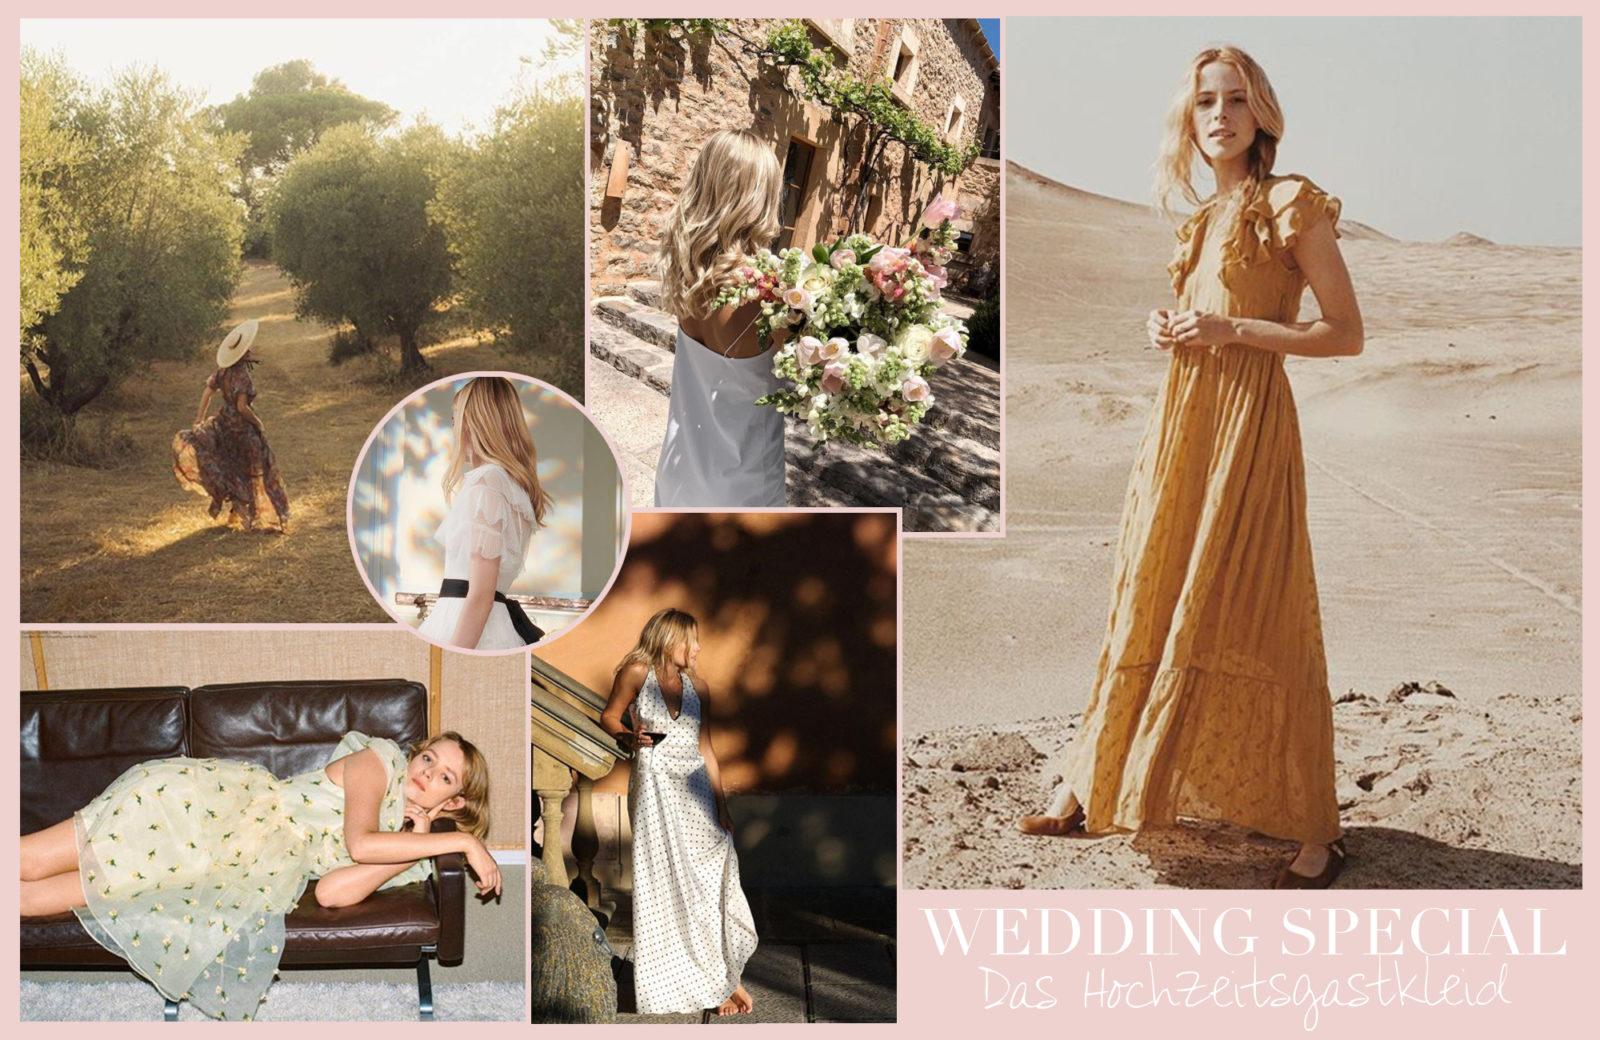 Wedding Special 2018 Die Schonsten Kleider Fur Hochzeitsgaste